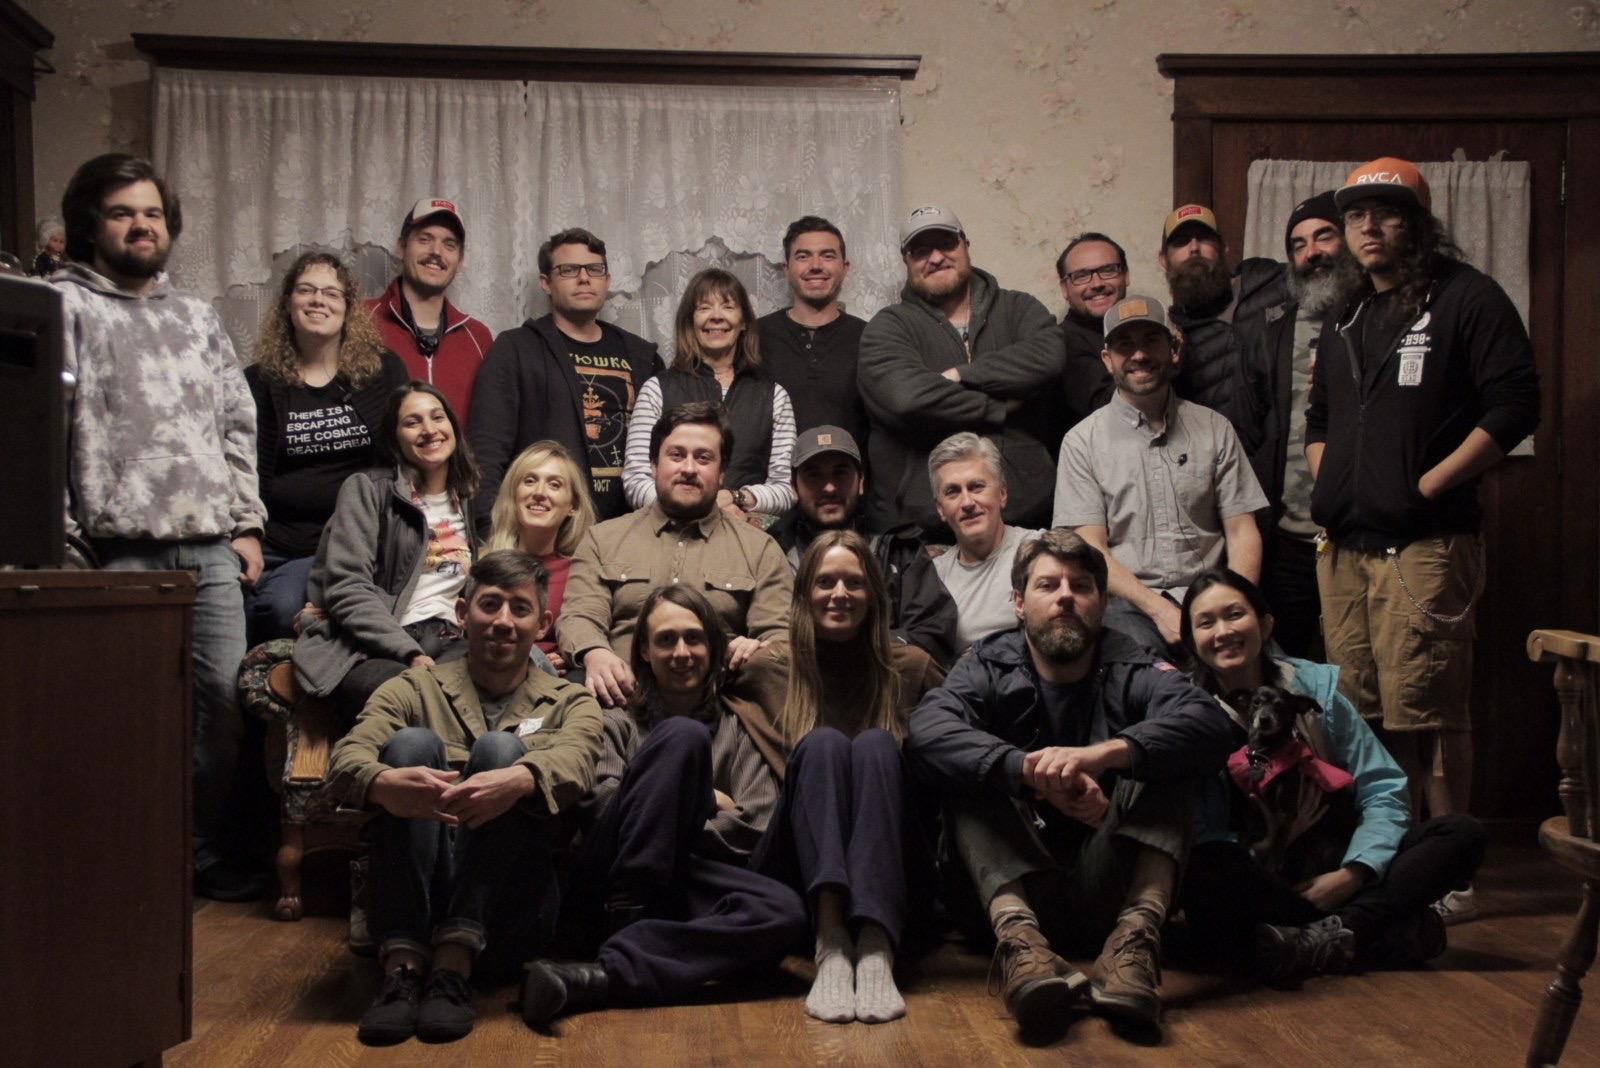 Fotografia dos bastidores do filme. Cerca de 25 pessoas posam para a foto, sorrindo, eles estão reunidos, alguns estão sentados no sofá e os demais estão ou sentados no chão na frente do sofá ou de pé atrás do sofá.